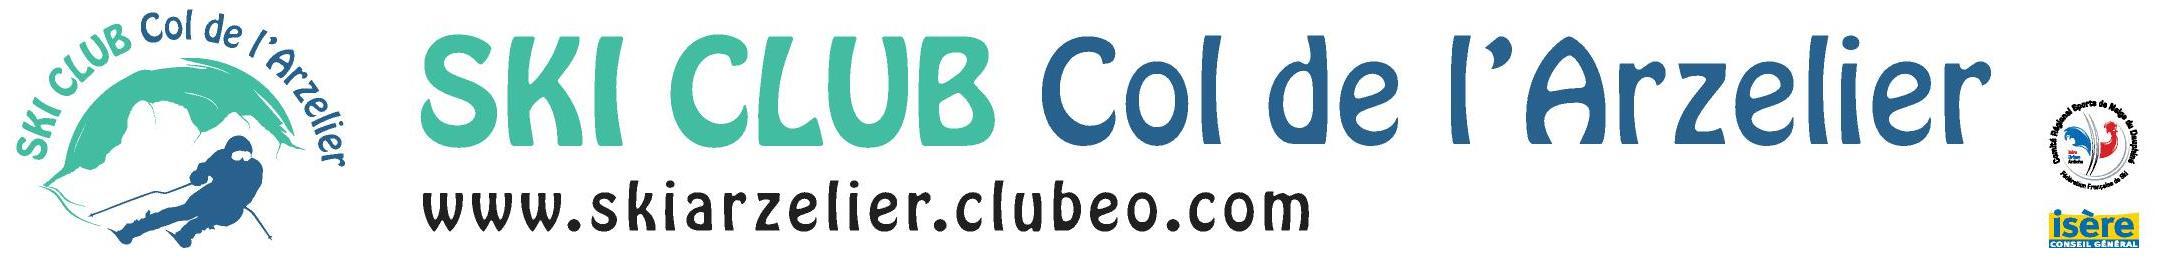 SKI CLUB DU COL DE L'ARZELIER : site officiel du club de ski de CHATEAU BERNARD - clubeo